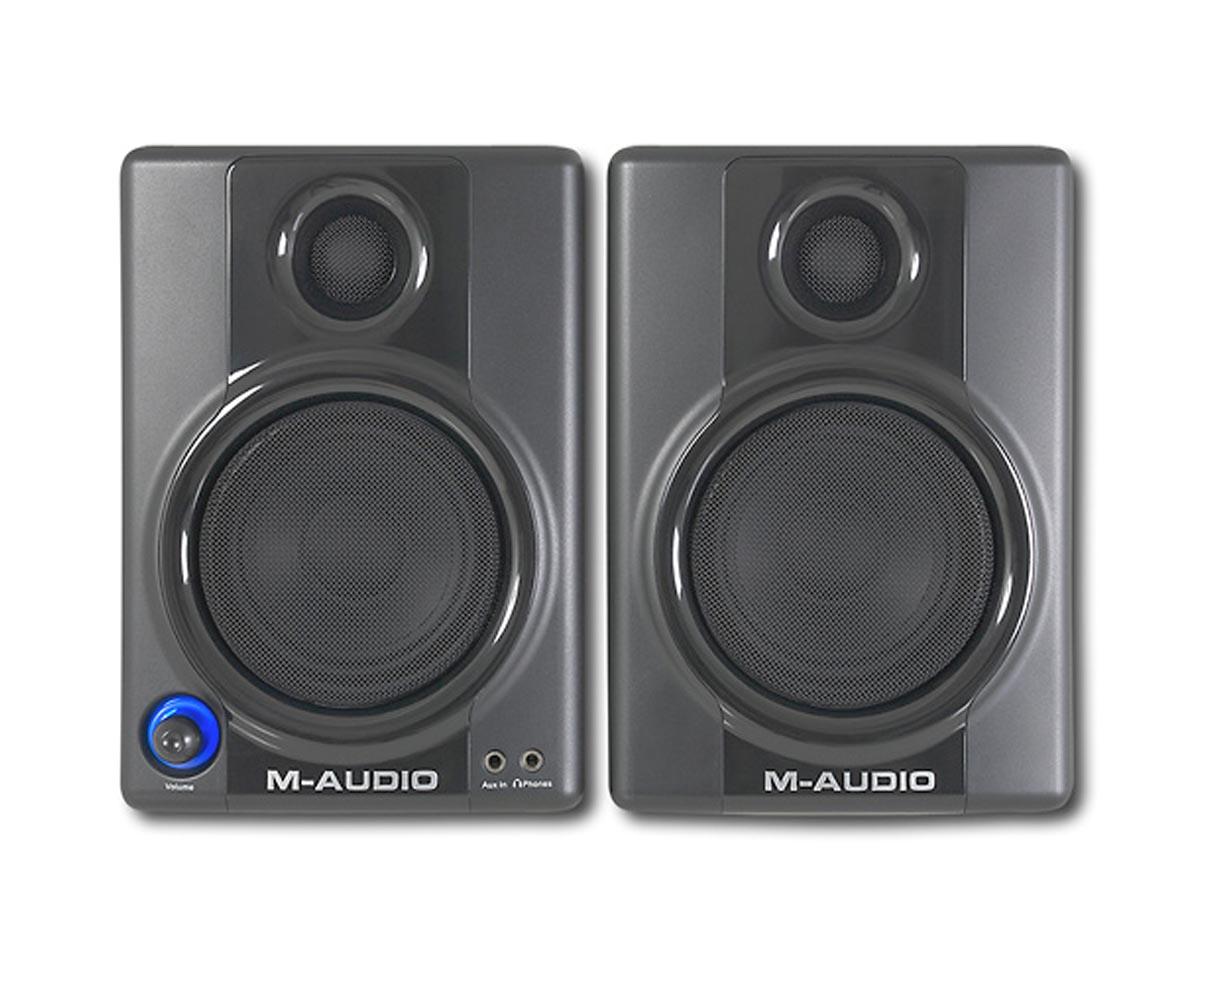 m audio studiophile av30 3 desktop speakers pair av 30 proaudiostar ebay. Black Bedroom Furniture Sets. Home Design Ideas